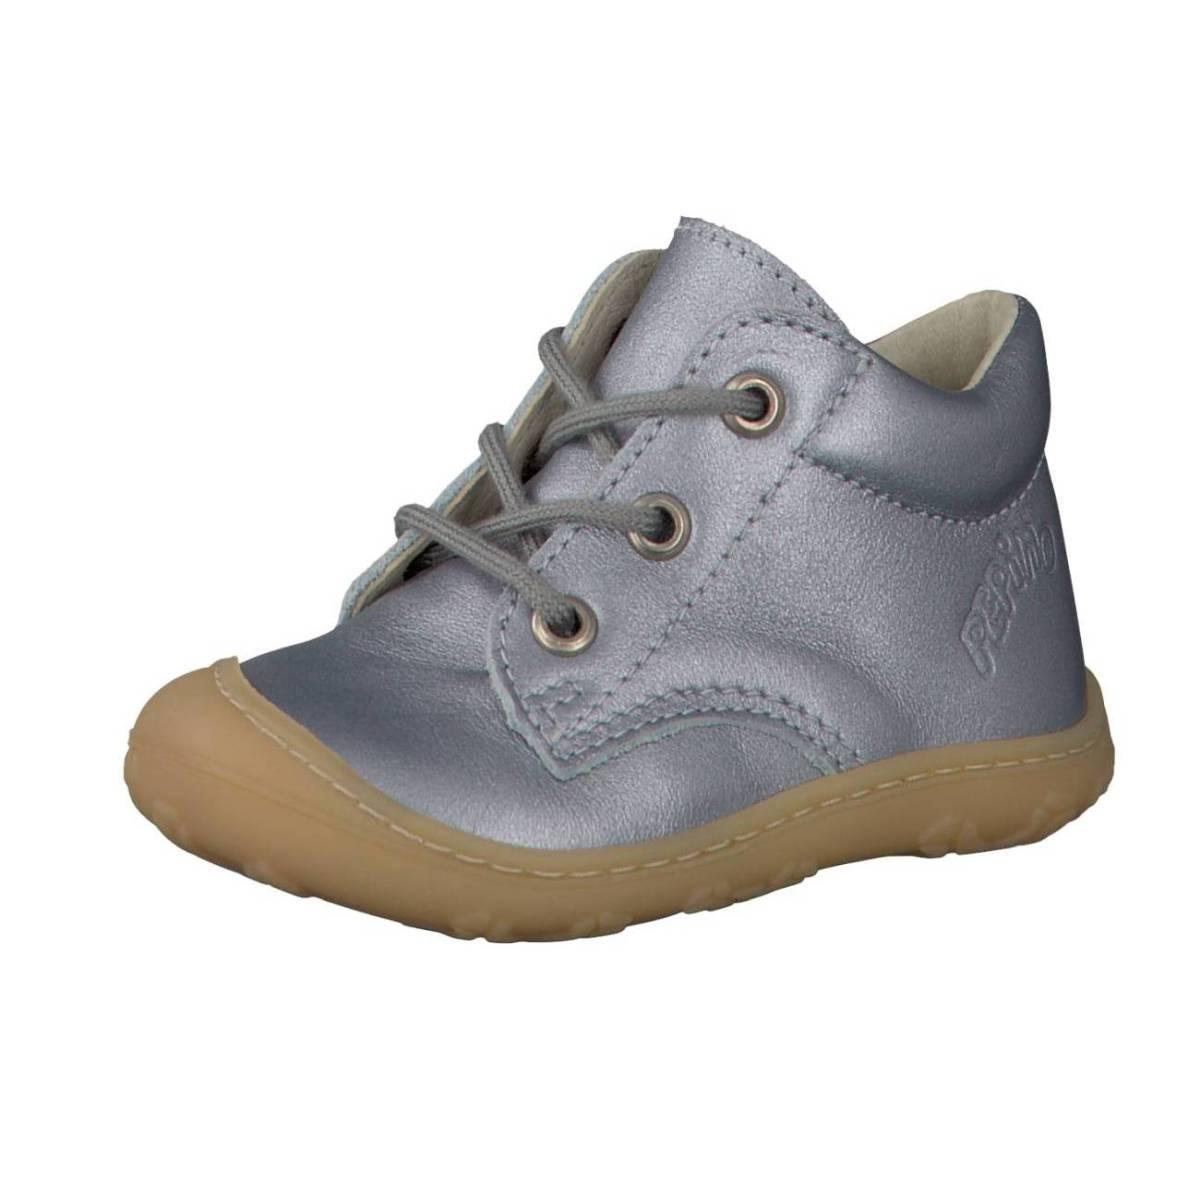 Ricosta Pepino Corbi silber glänzend metallic Lauflernschuhe Stiefelchen Kinder